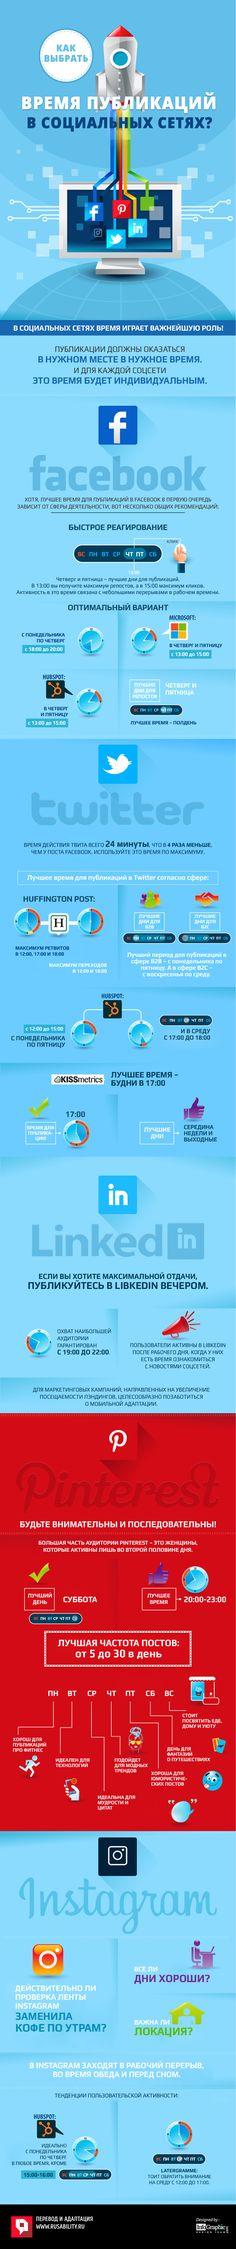 Соцсети, социальные сети, публикации, время, посты, SMM, контент, инфографика